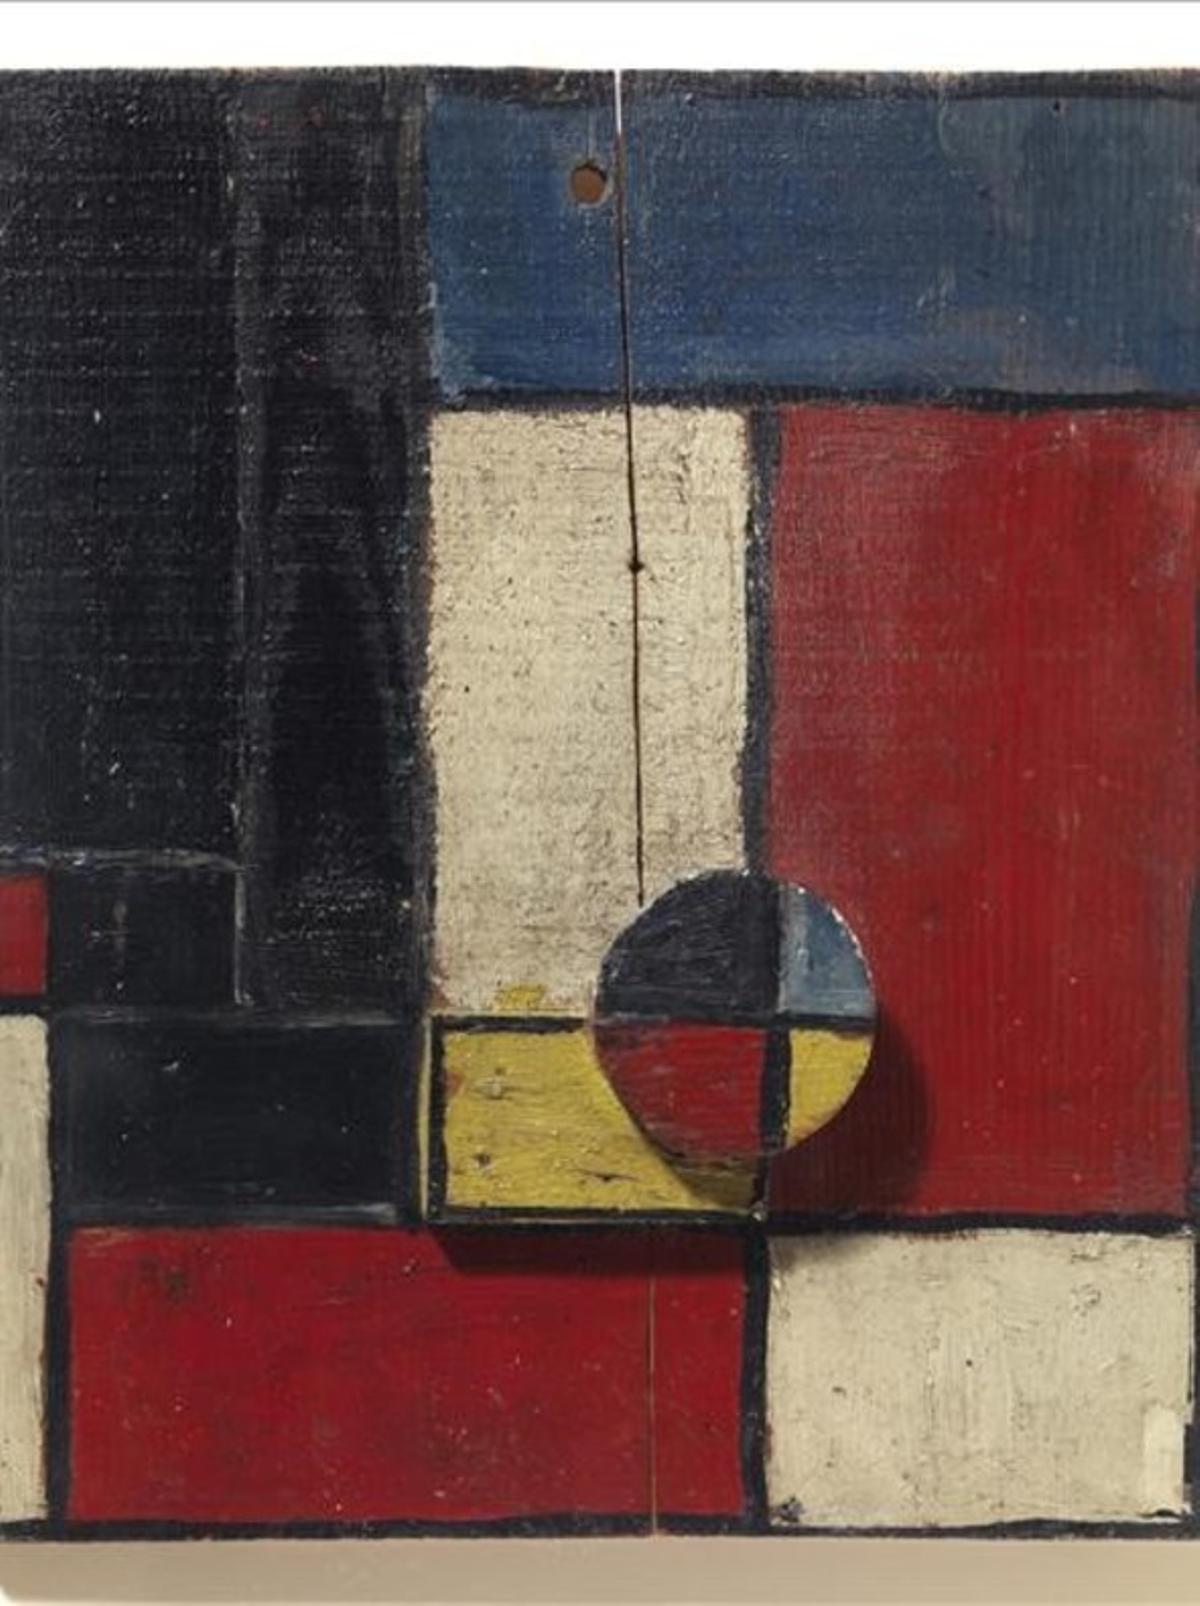 'Planos de color con dos maderas superpuestas' (1928), deJoaquín Torres-García, pieza de la colección del Macba.